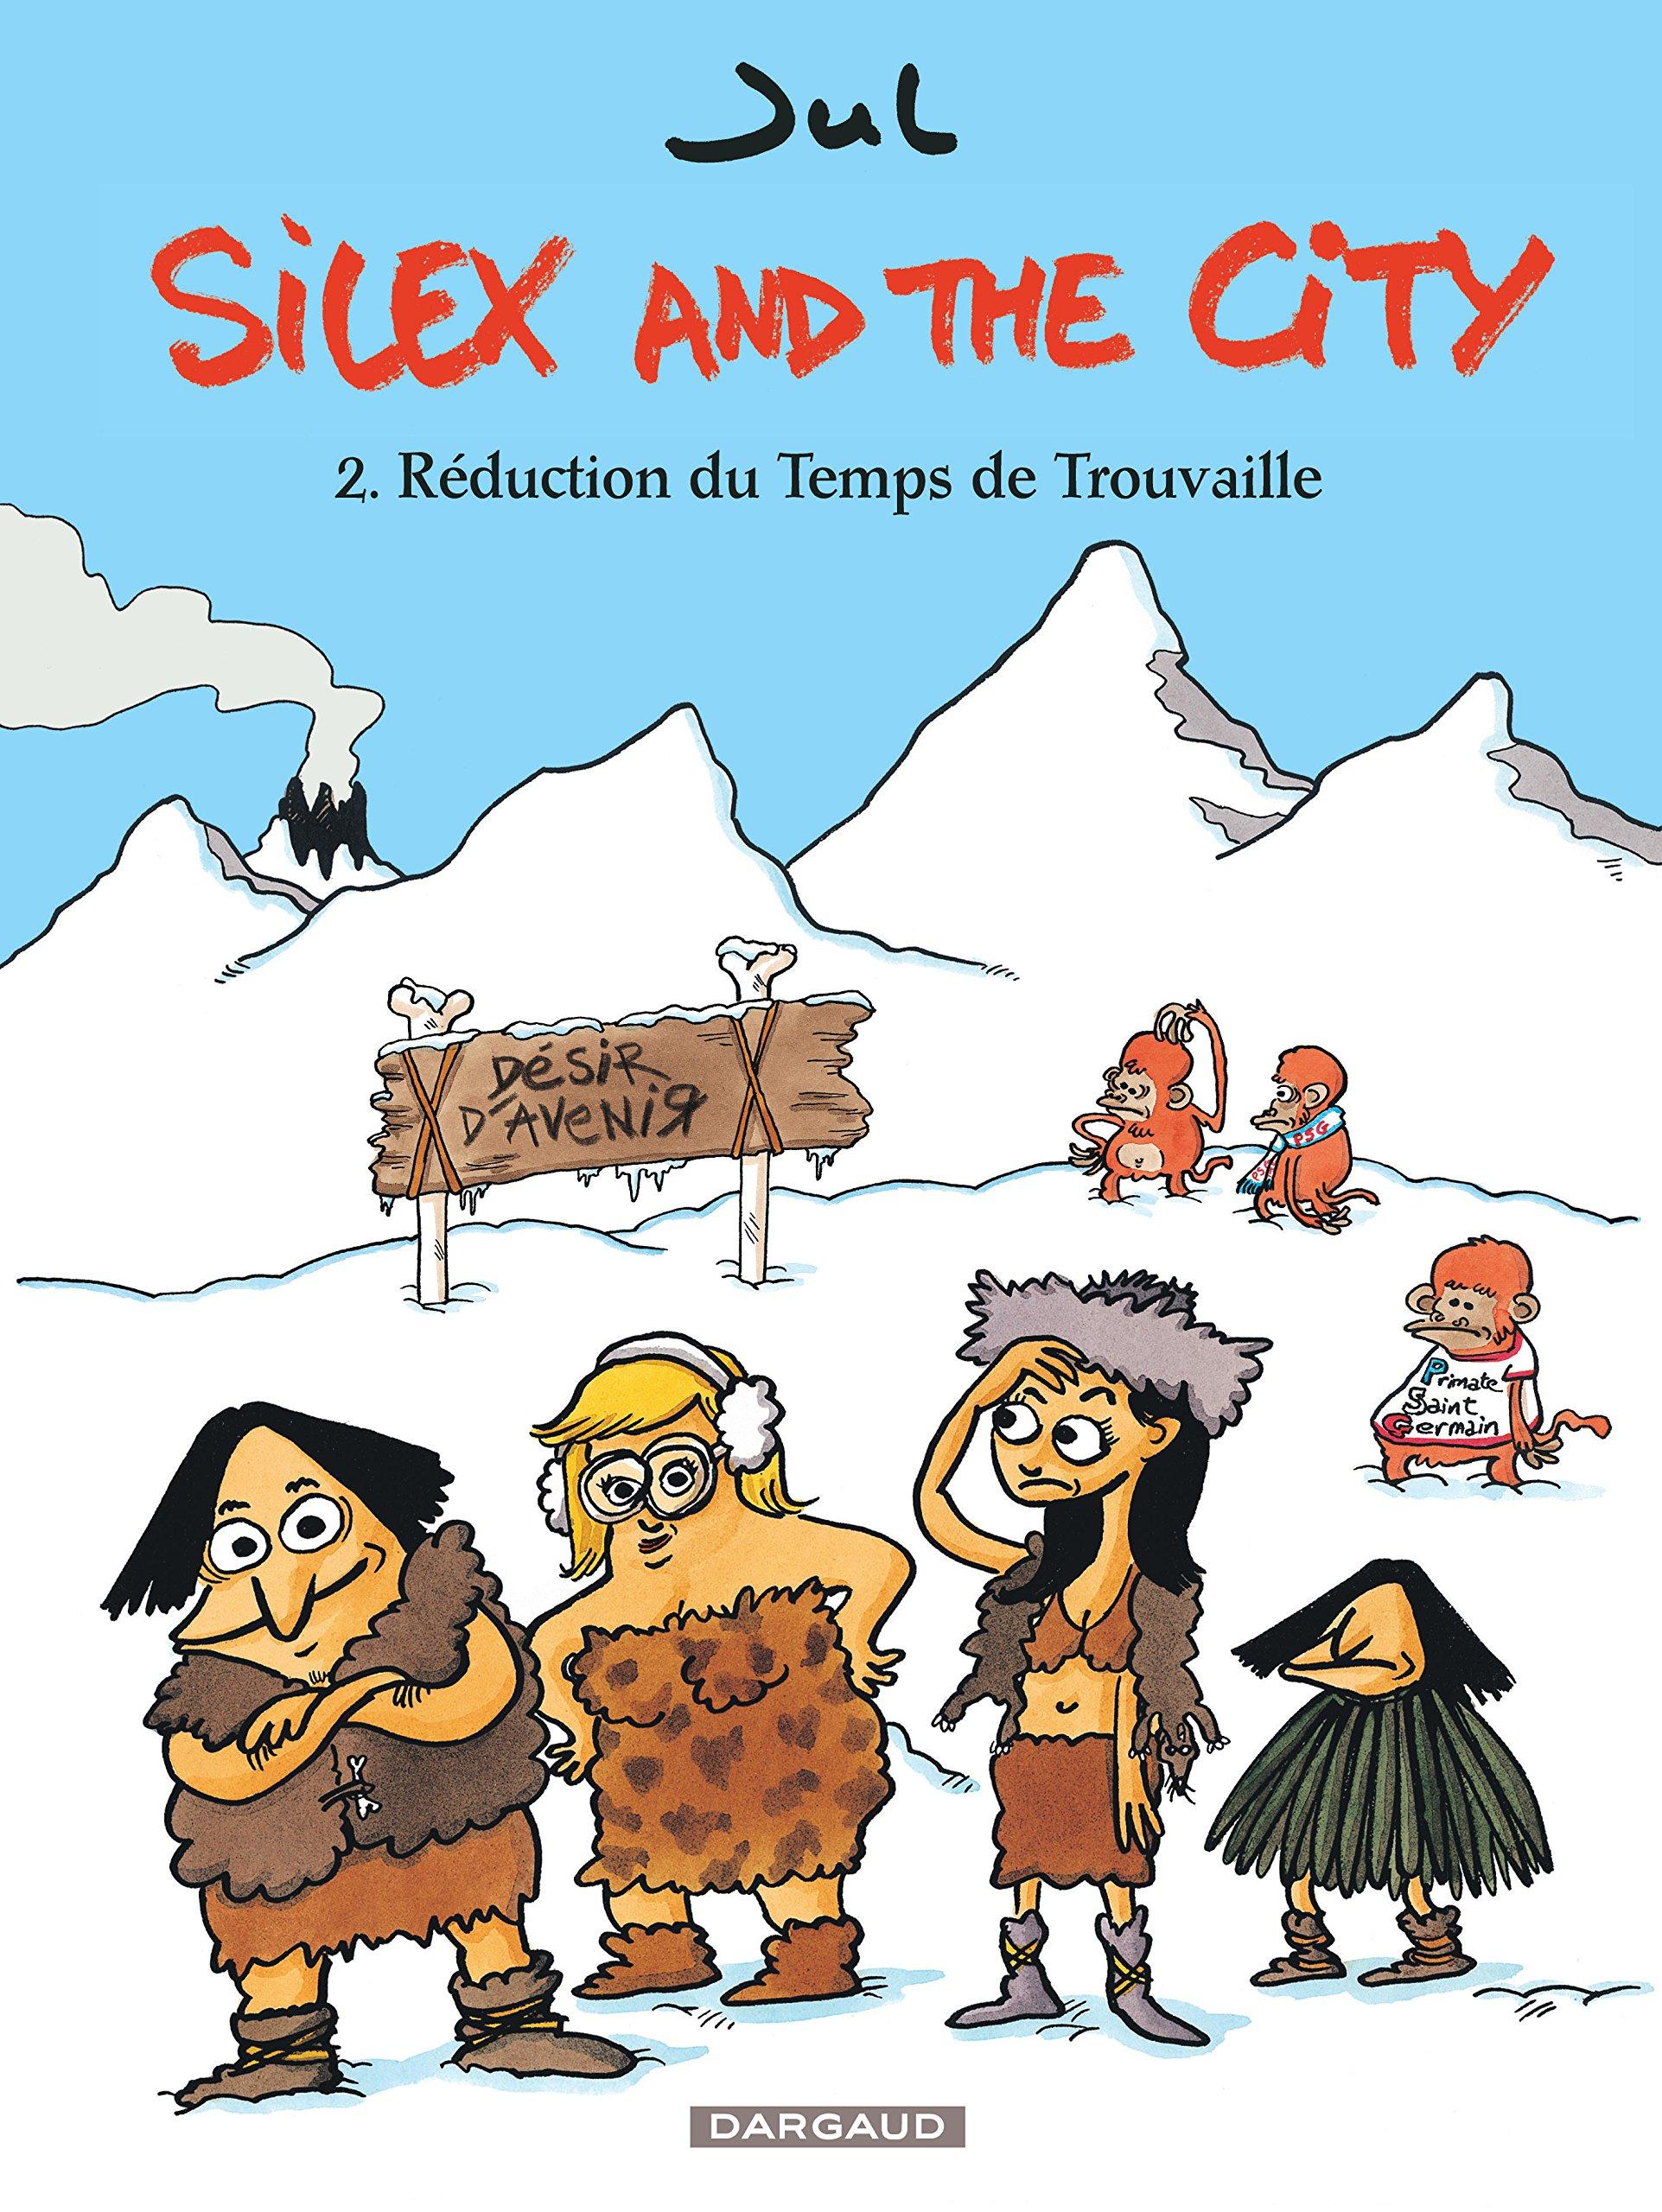 Silex and the city, Tome 2 : Réduction du Temps de Trouvaille